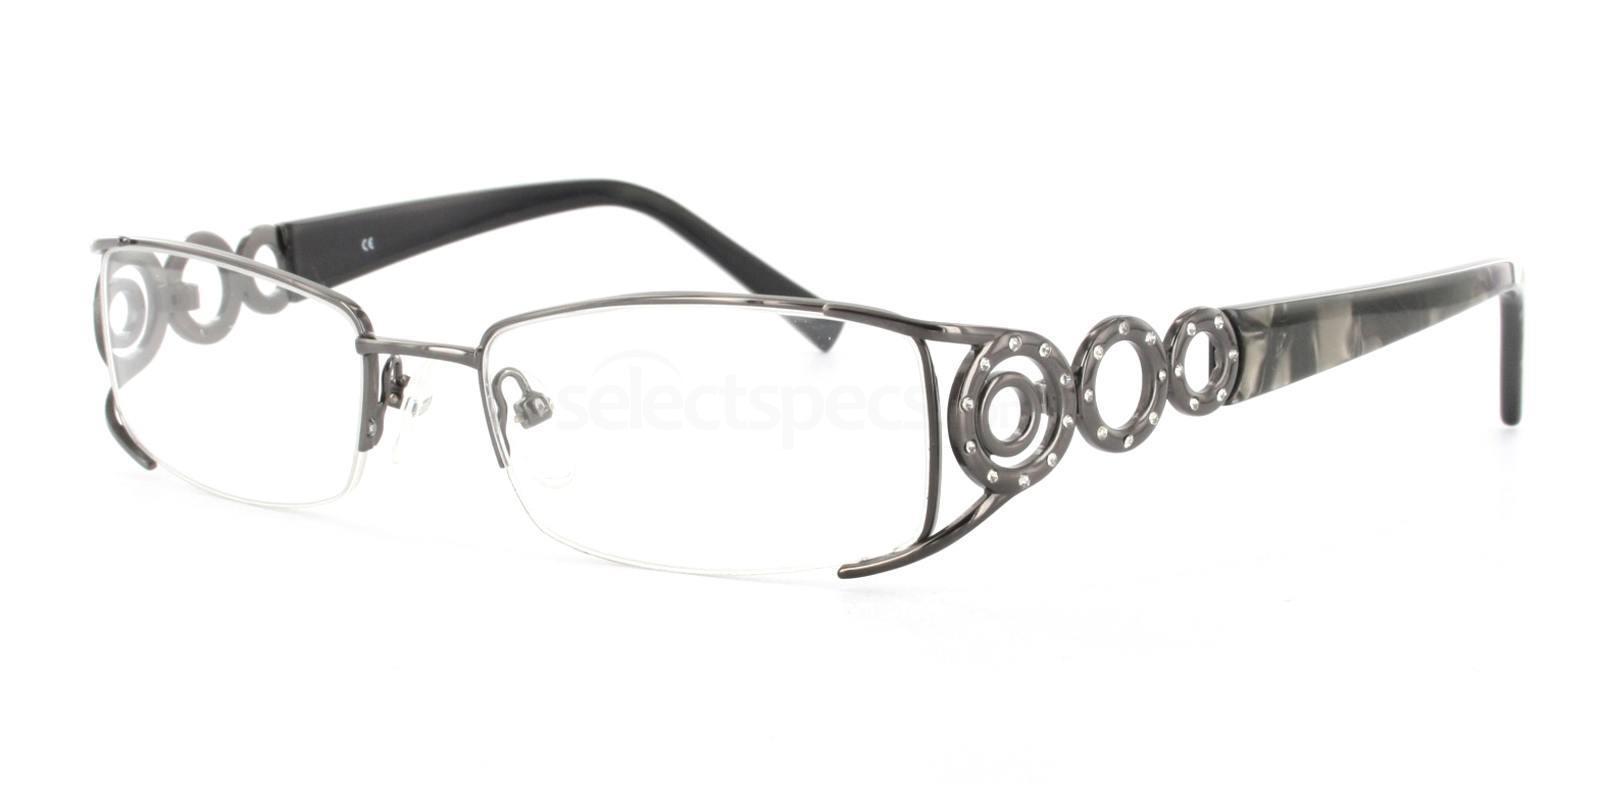 C2 G201210 Glasses, Antares